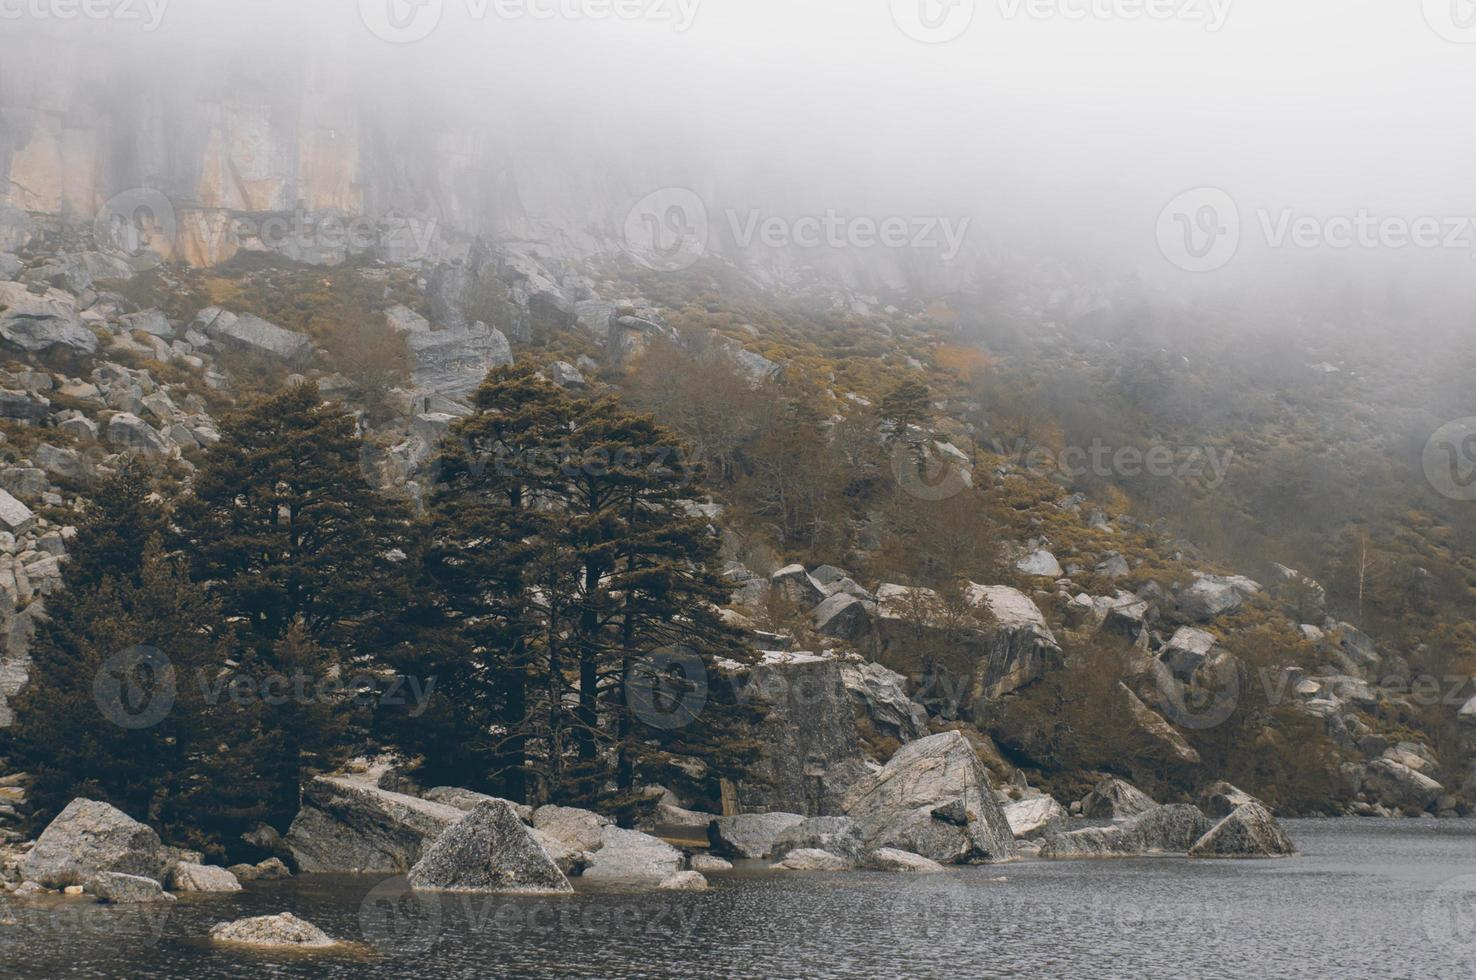 Laguna negra lake, Soria, Spain photo